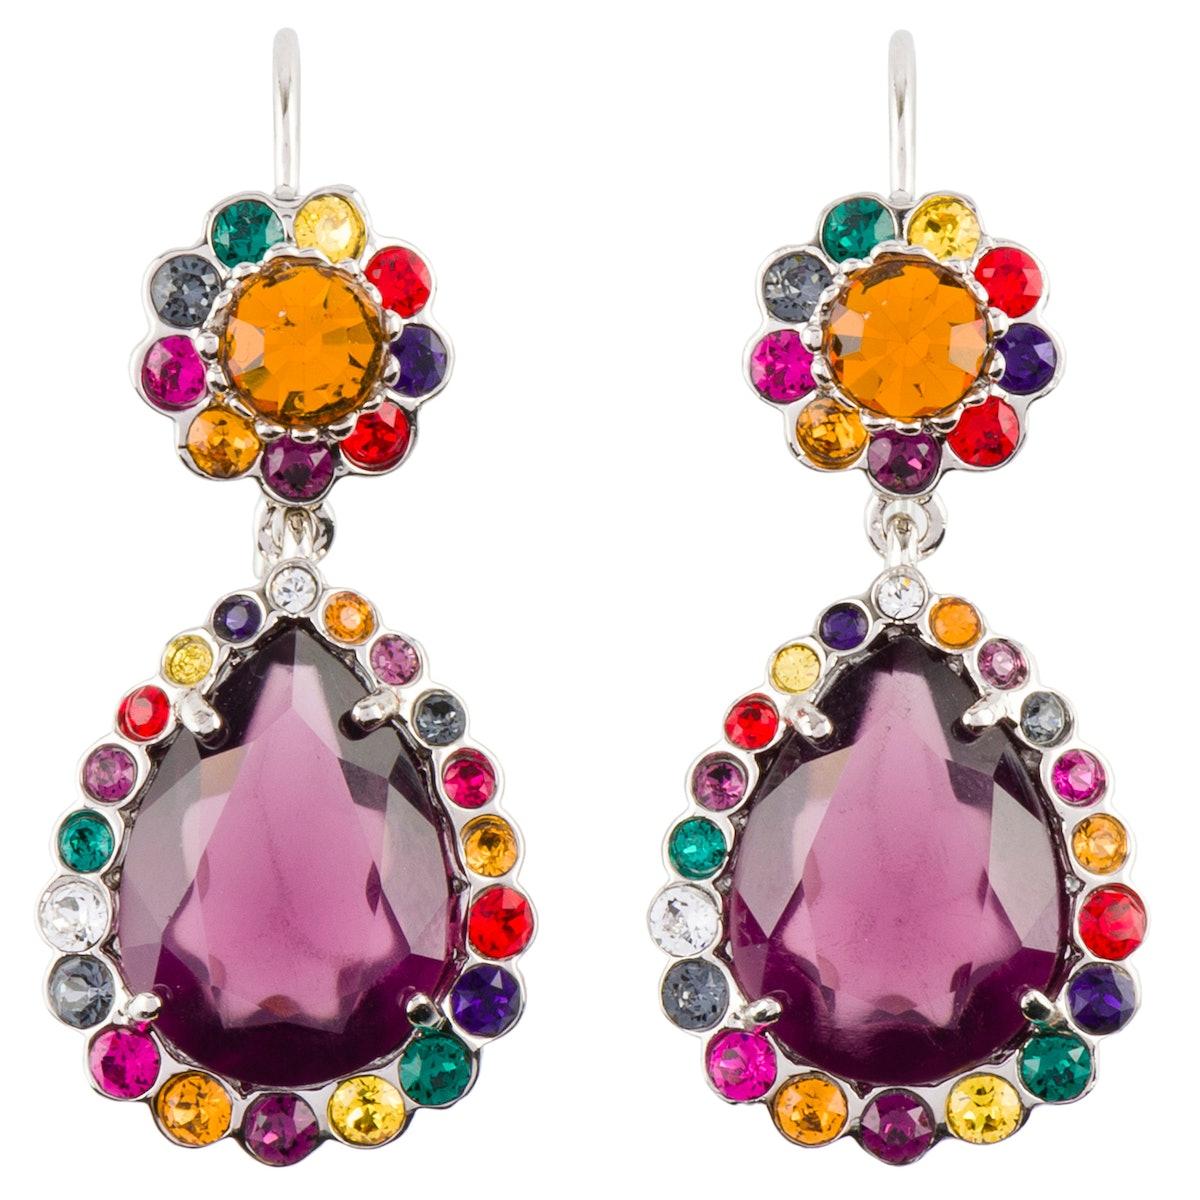 Miu Miu earrings, $495, miumiu.com